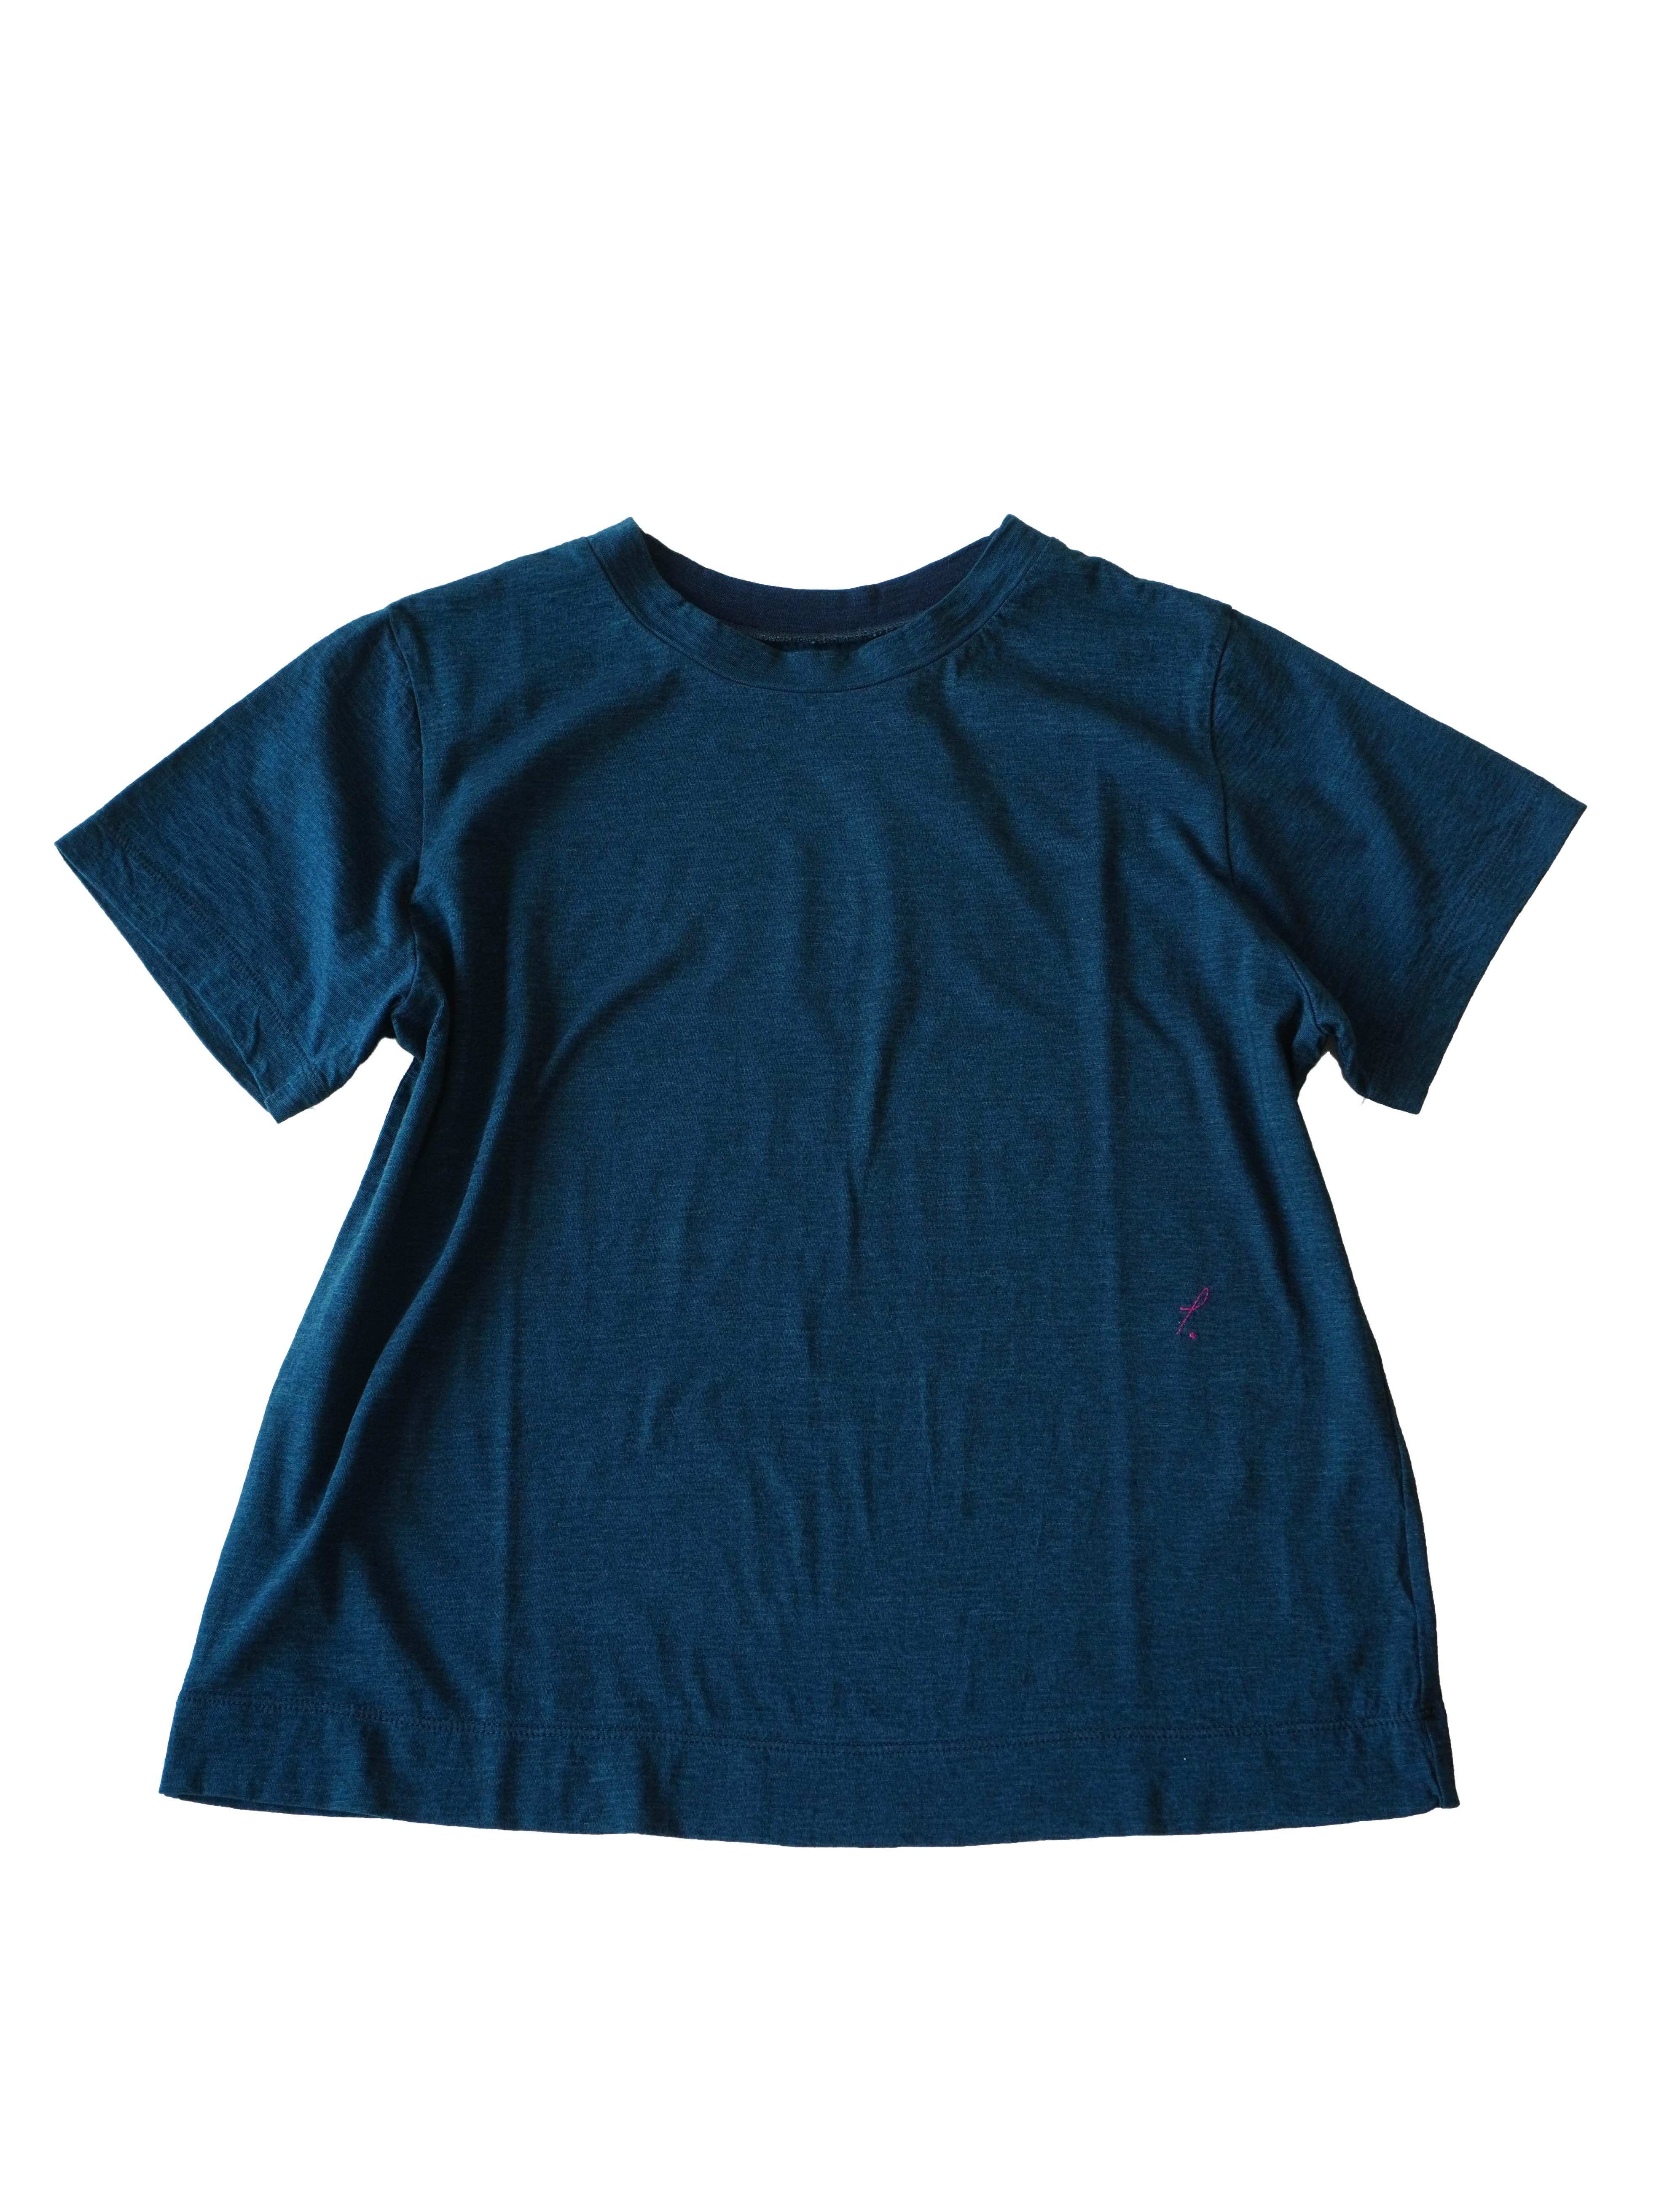 PP38.5インディゴ天竺ショート袖Tシャツ